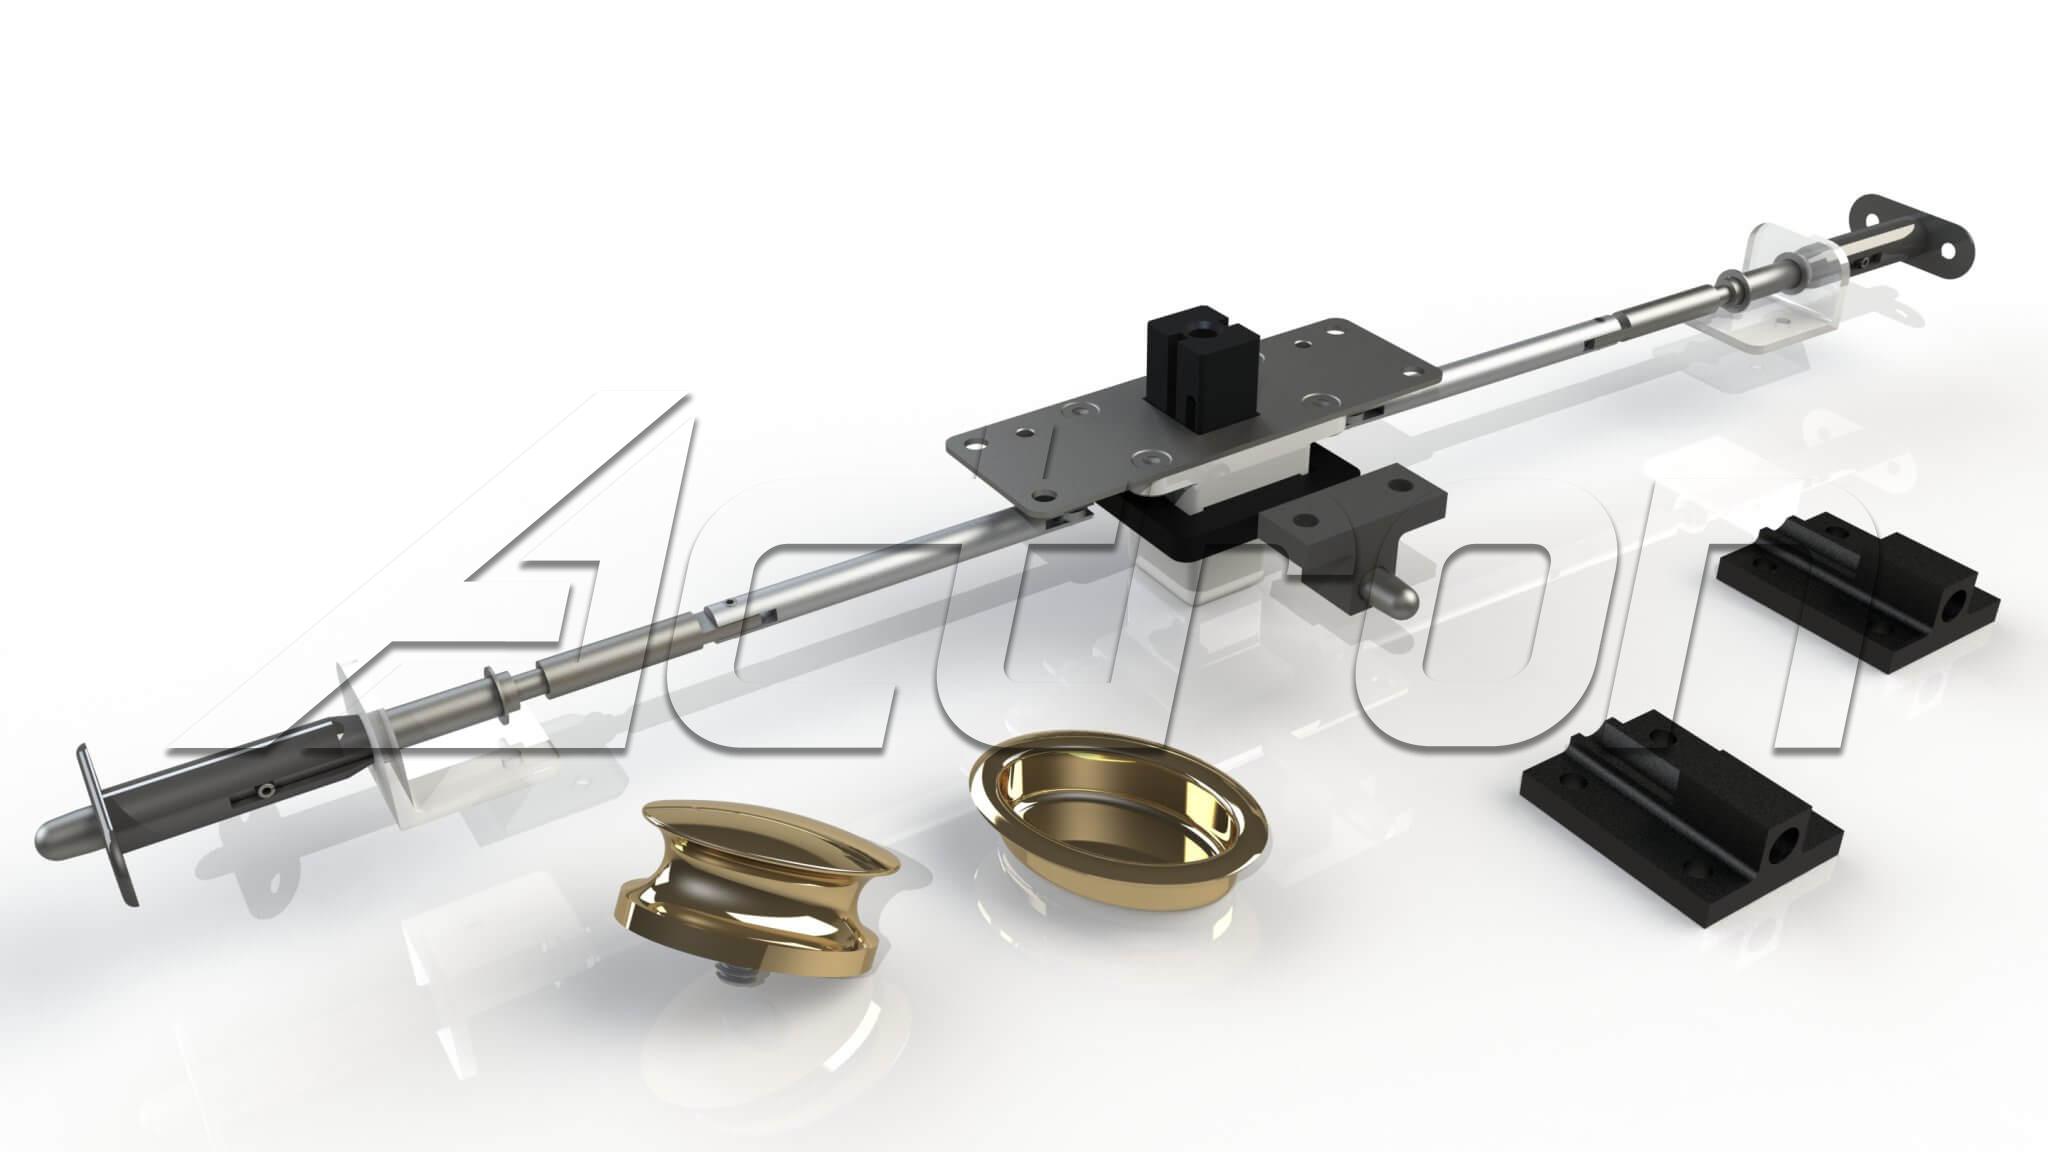 door-bolting-system-8211-push-pull-5176-a39061.jpg